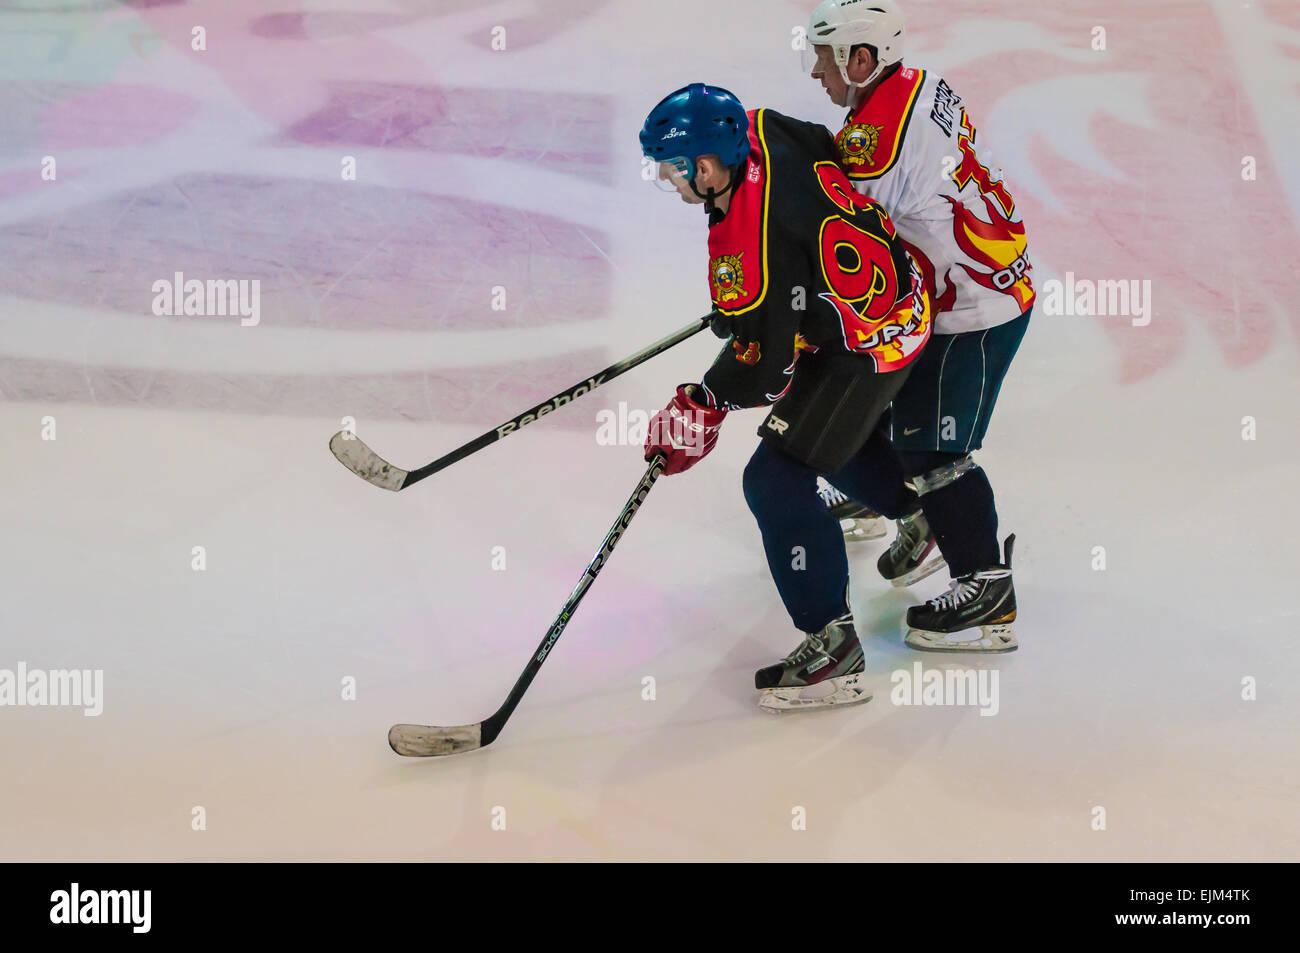 Schön Hockey Bilderrahmen Bilder - Rahmen Ideen - markjohnsonshow.info